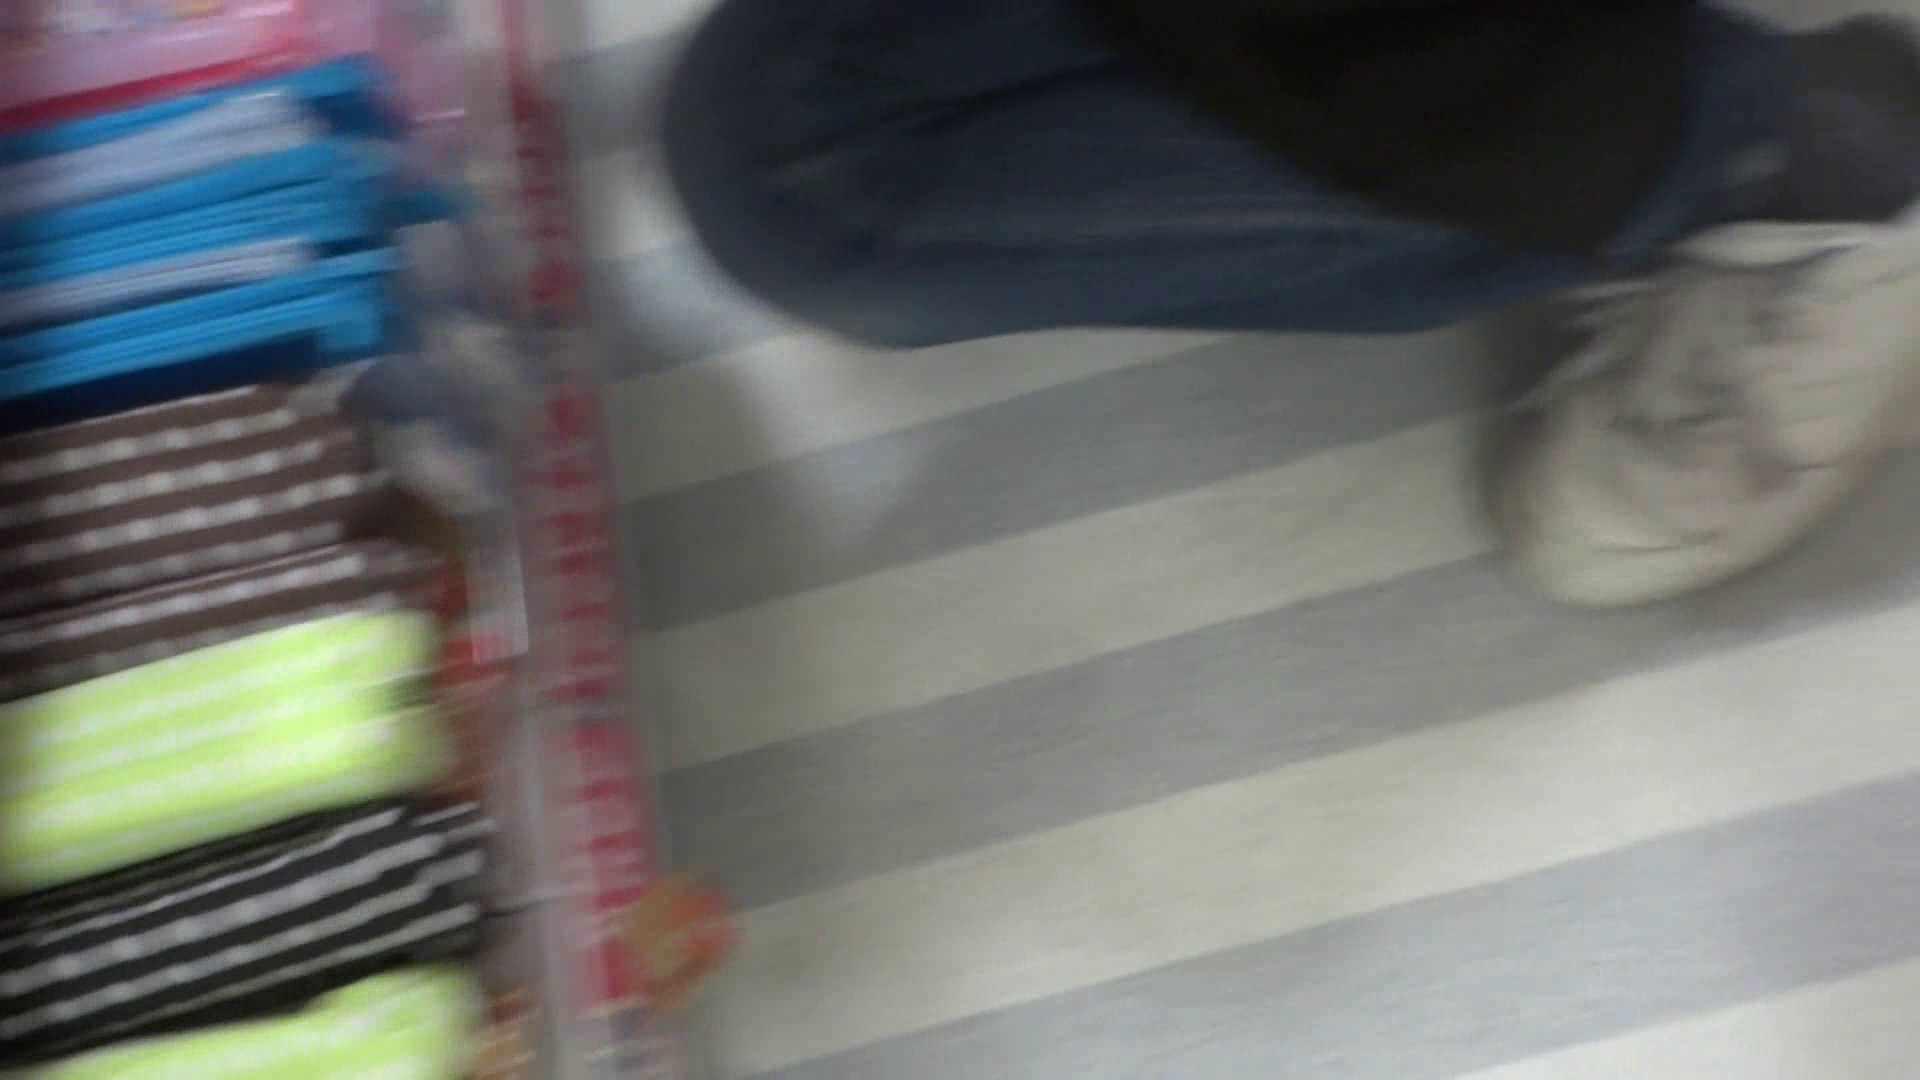 近所のお店は危険がイッパイ vol.9 美しいOLの裸体  104pic 104